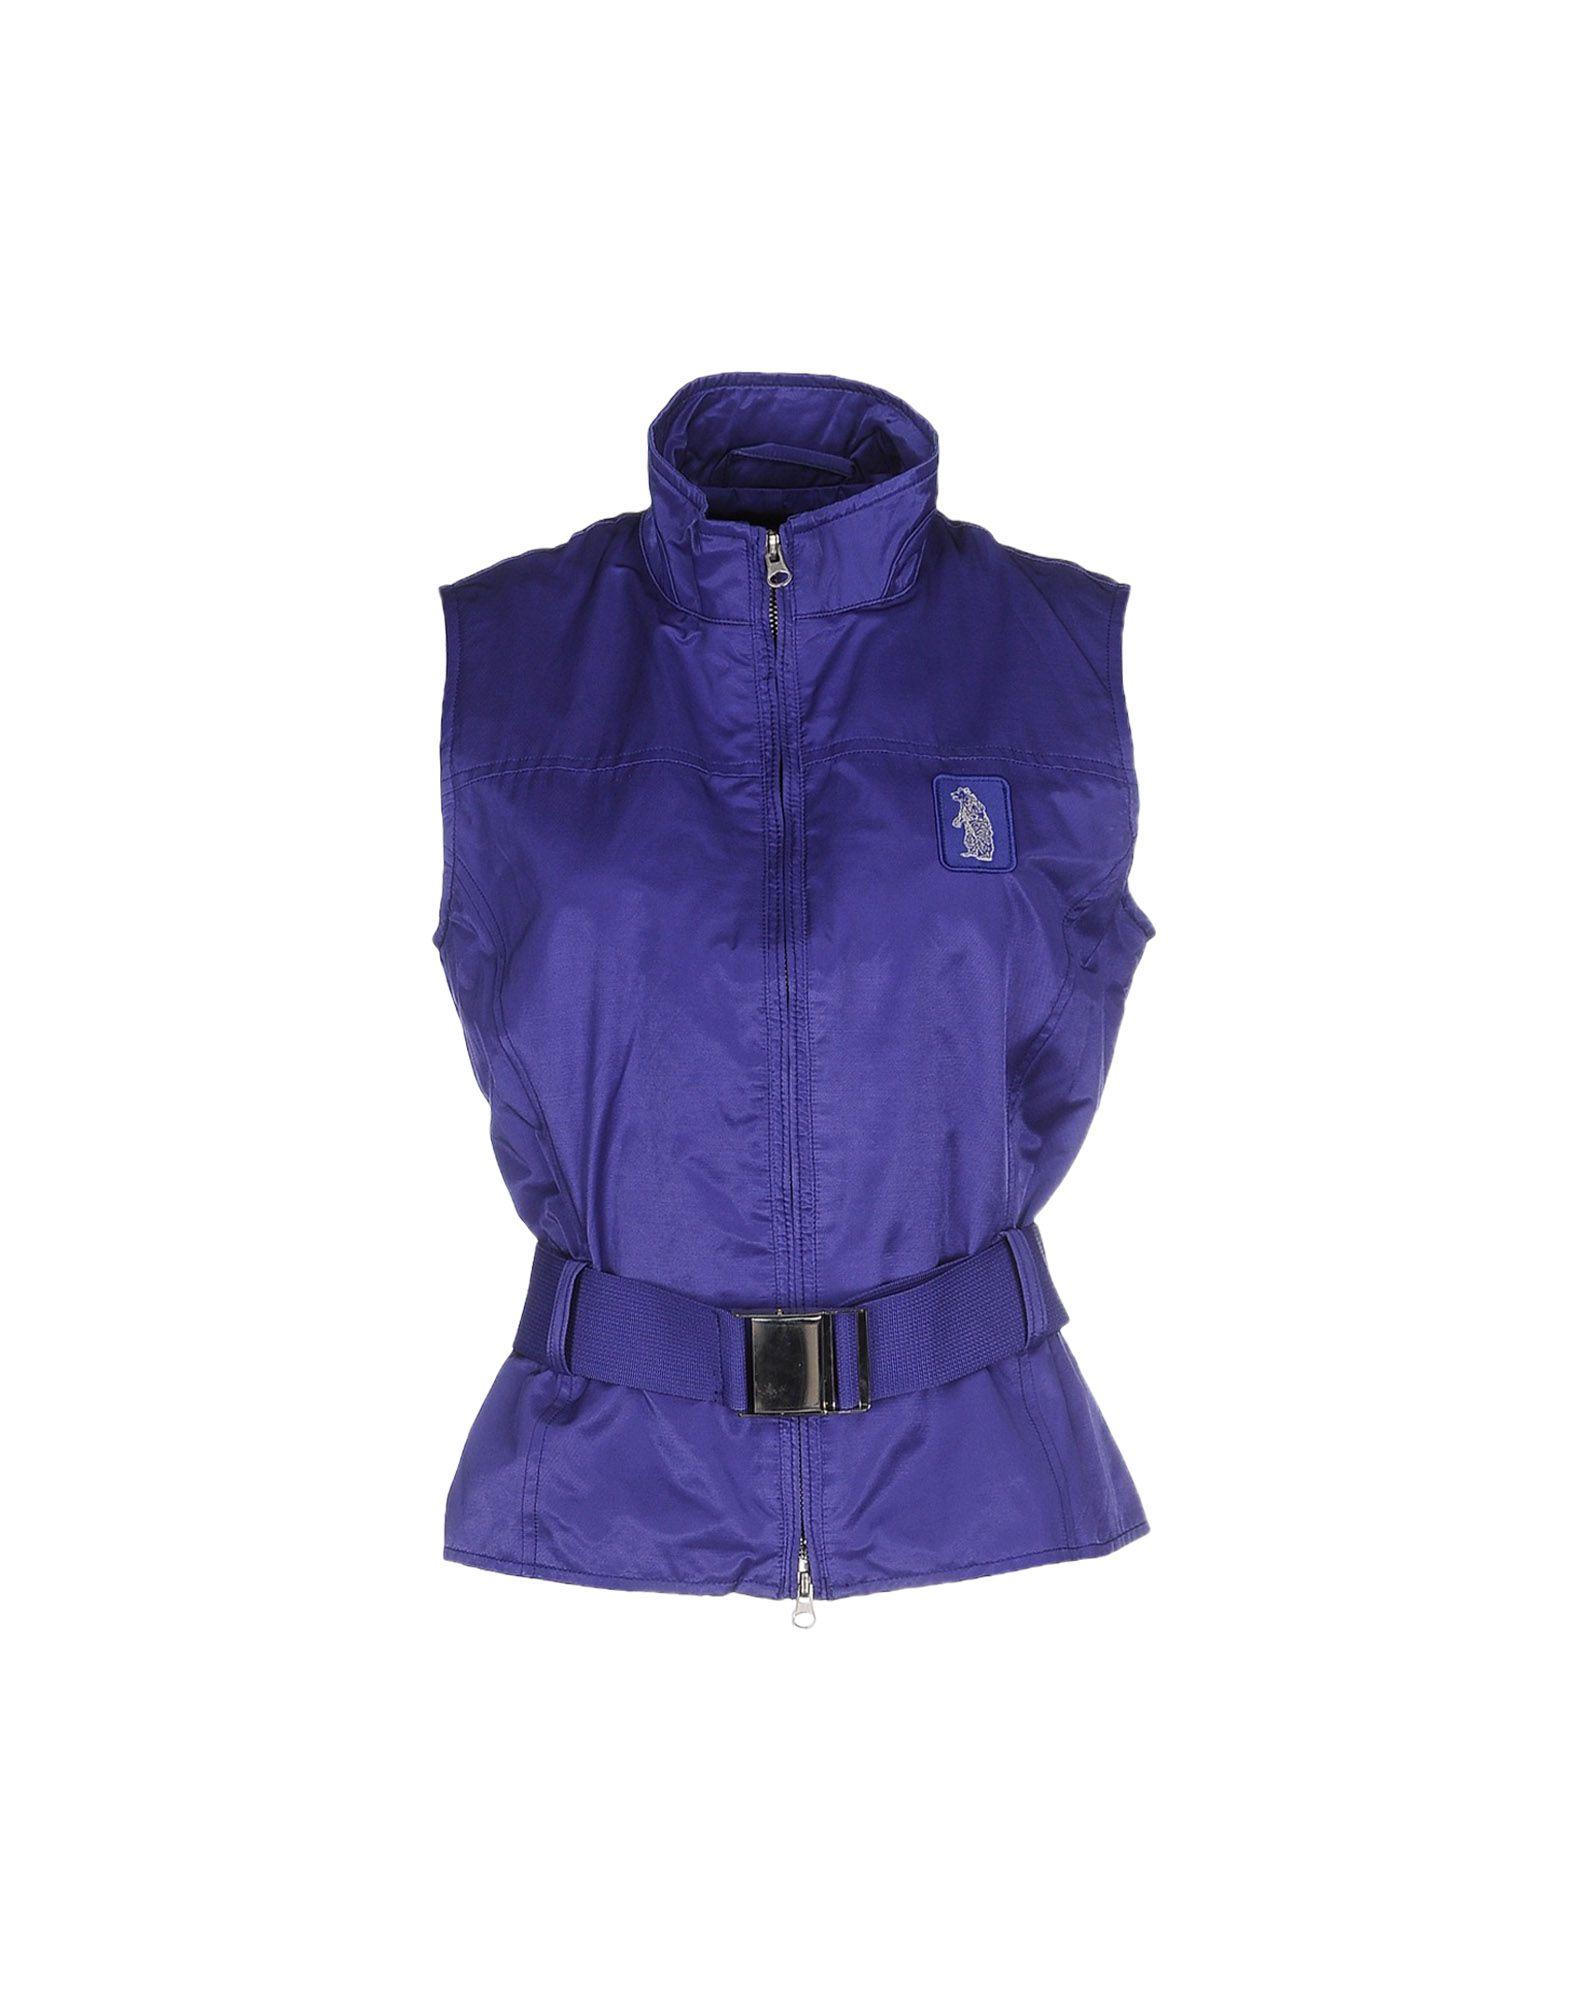 REFRIGUE Куртка новая весна зима твердые женщины плюс размер тонкий жилет женщин parkas хлопок куртка без рукавов с капюшоном повседневная куртка colete